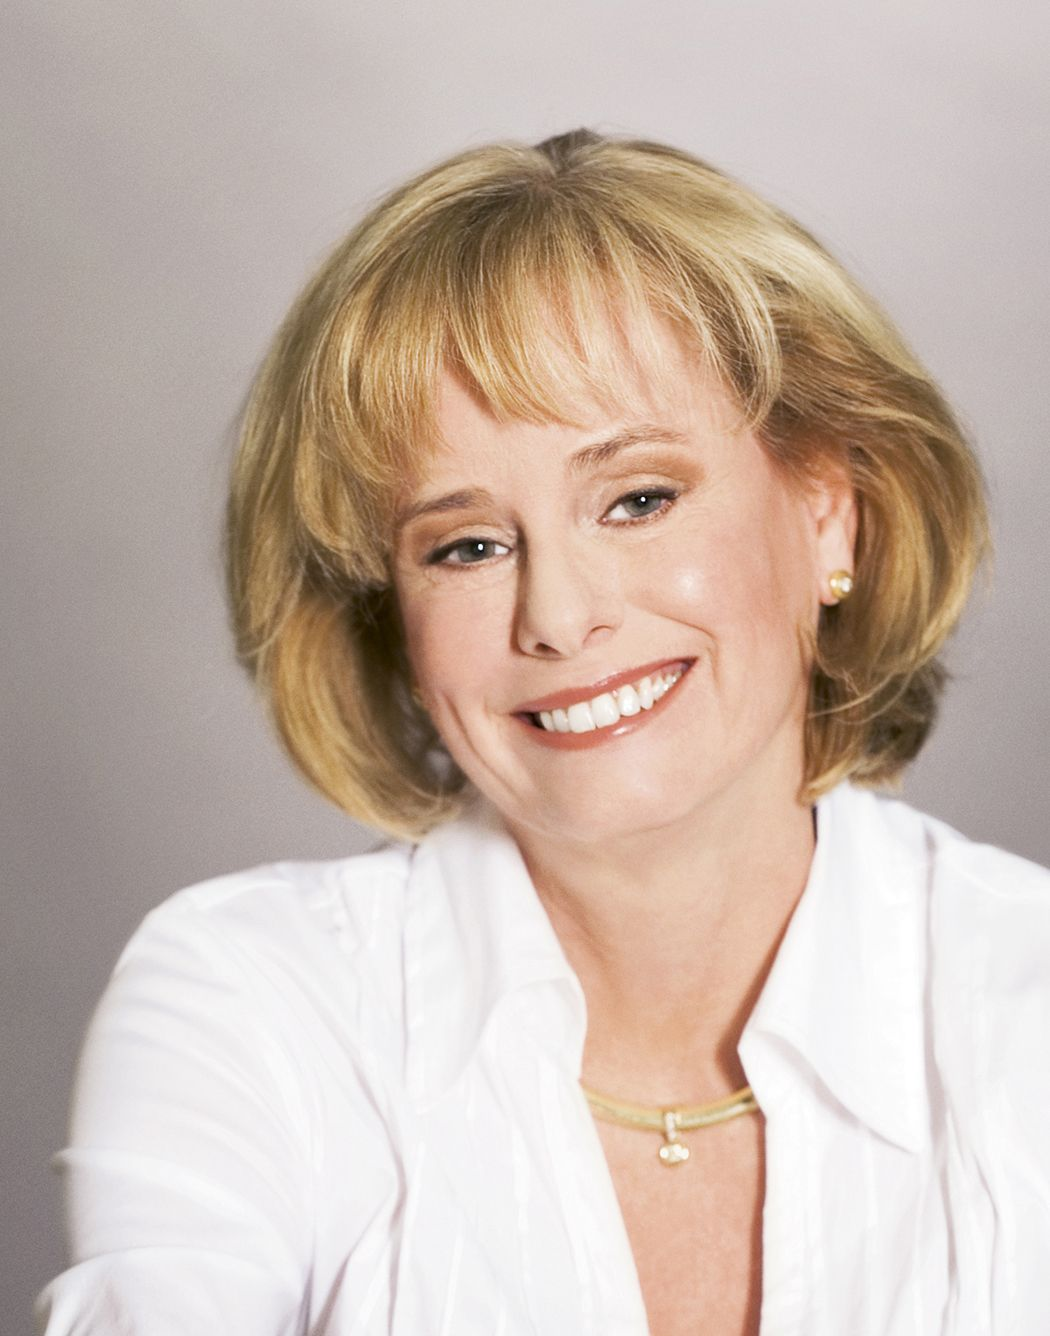 Kathy Reichs is the au...